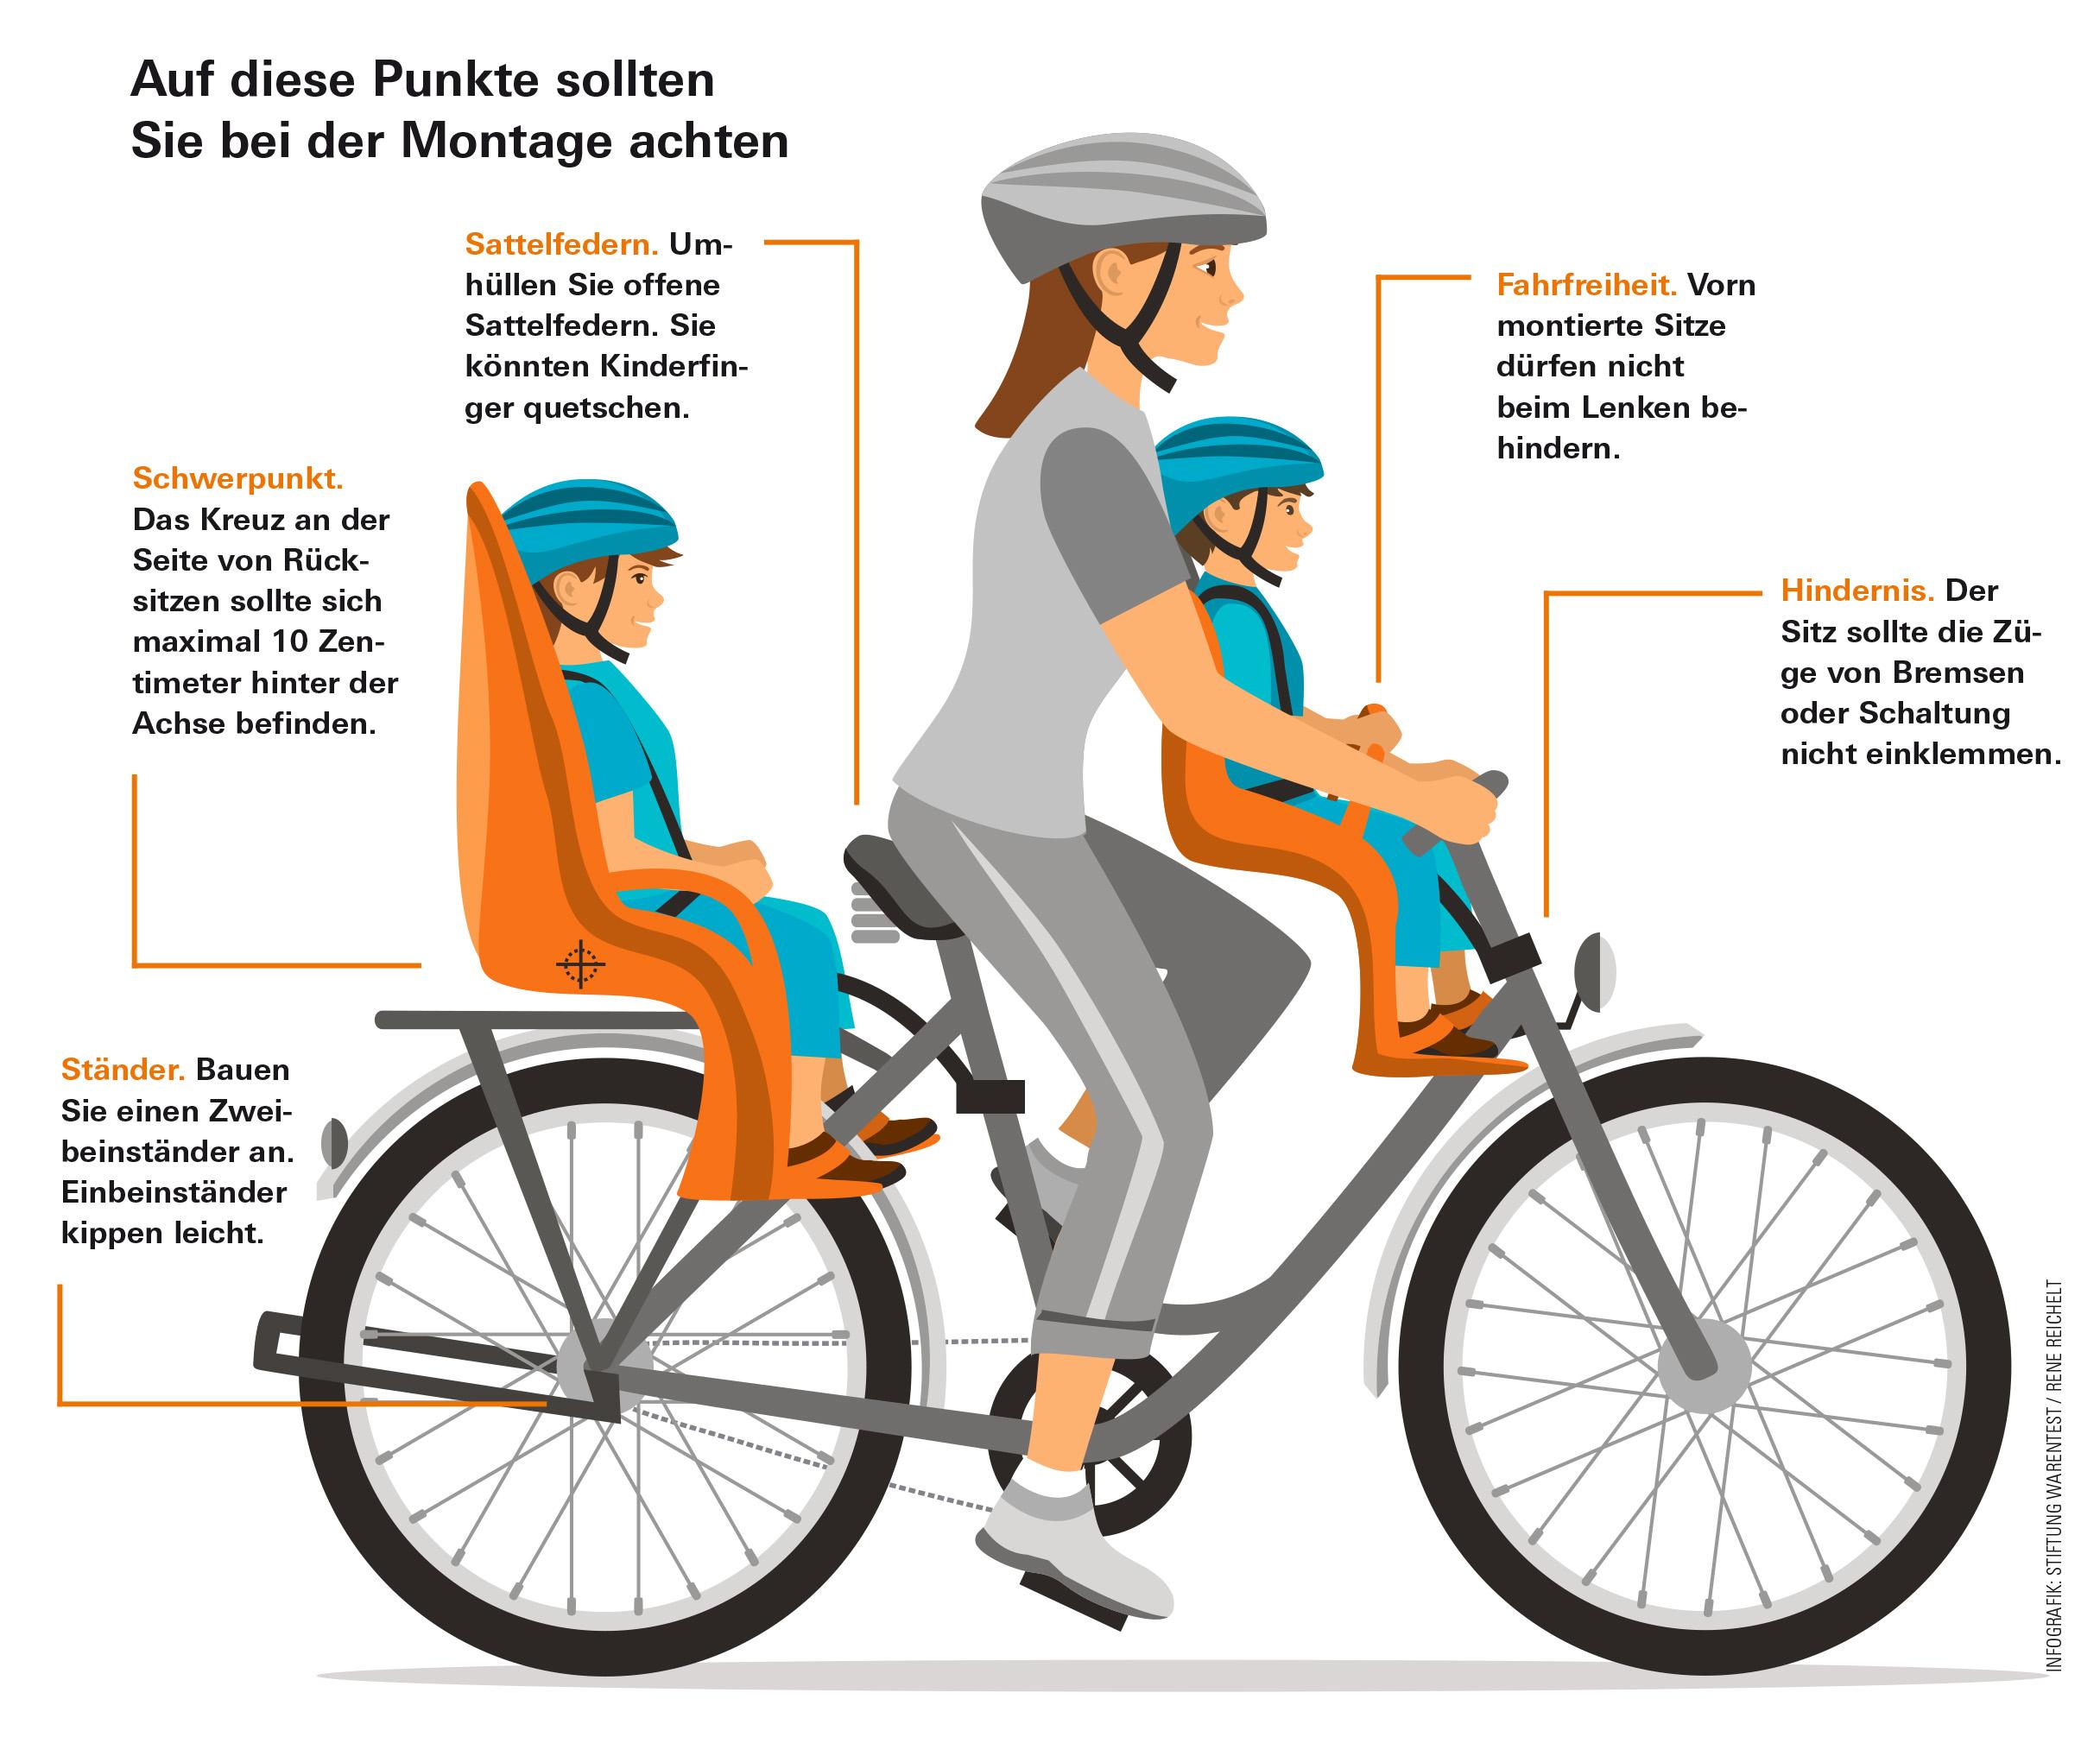 fahrradsitze f r kinder zwei weit verbreitete sitze sind. Black Bedroom Furniture Sets. Home Design Ideas